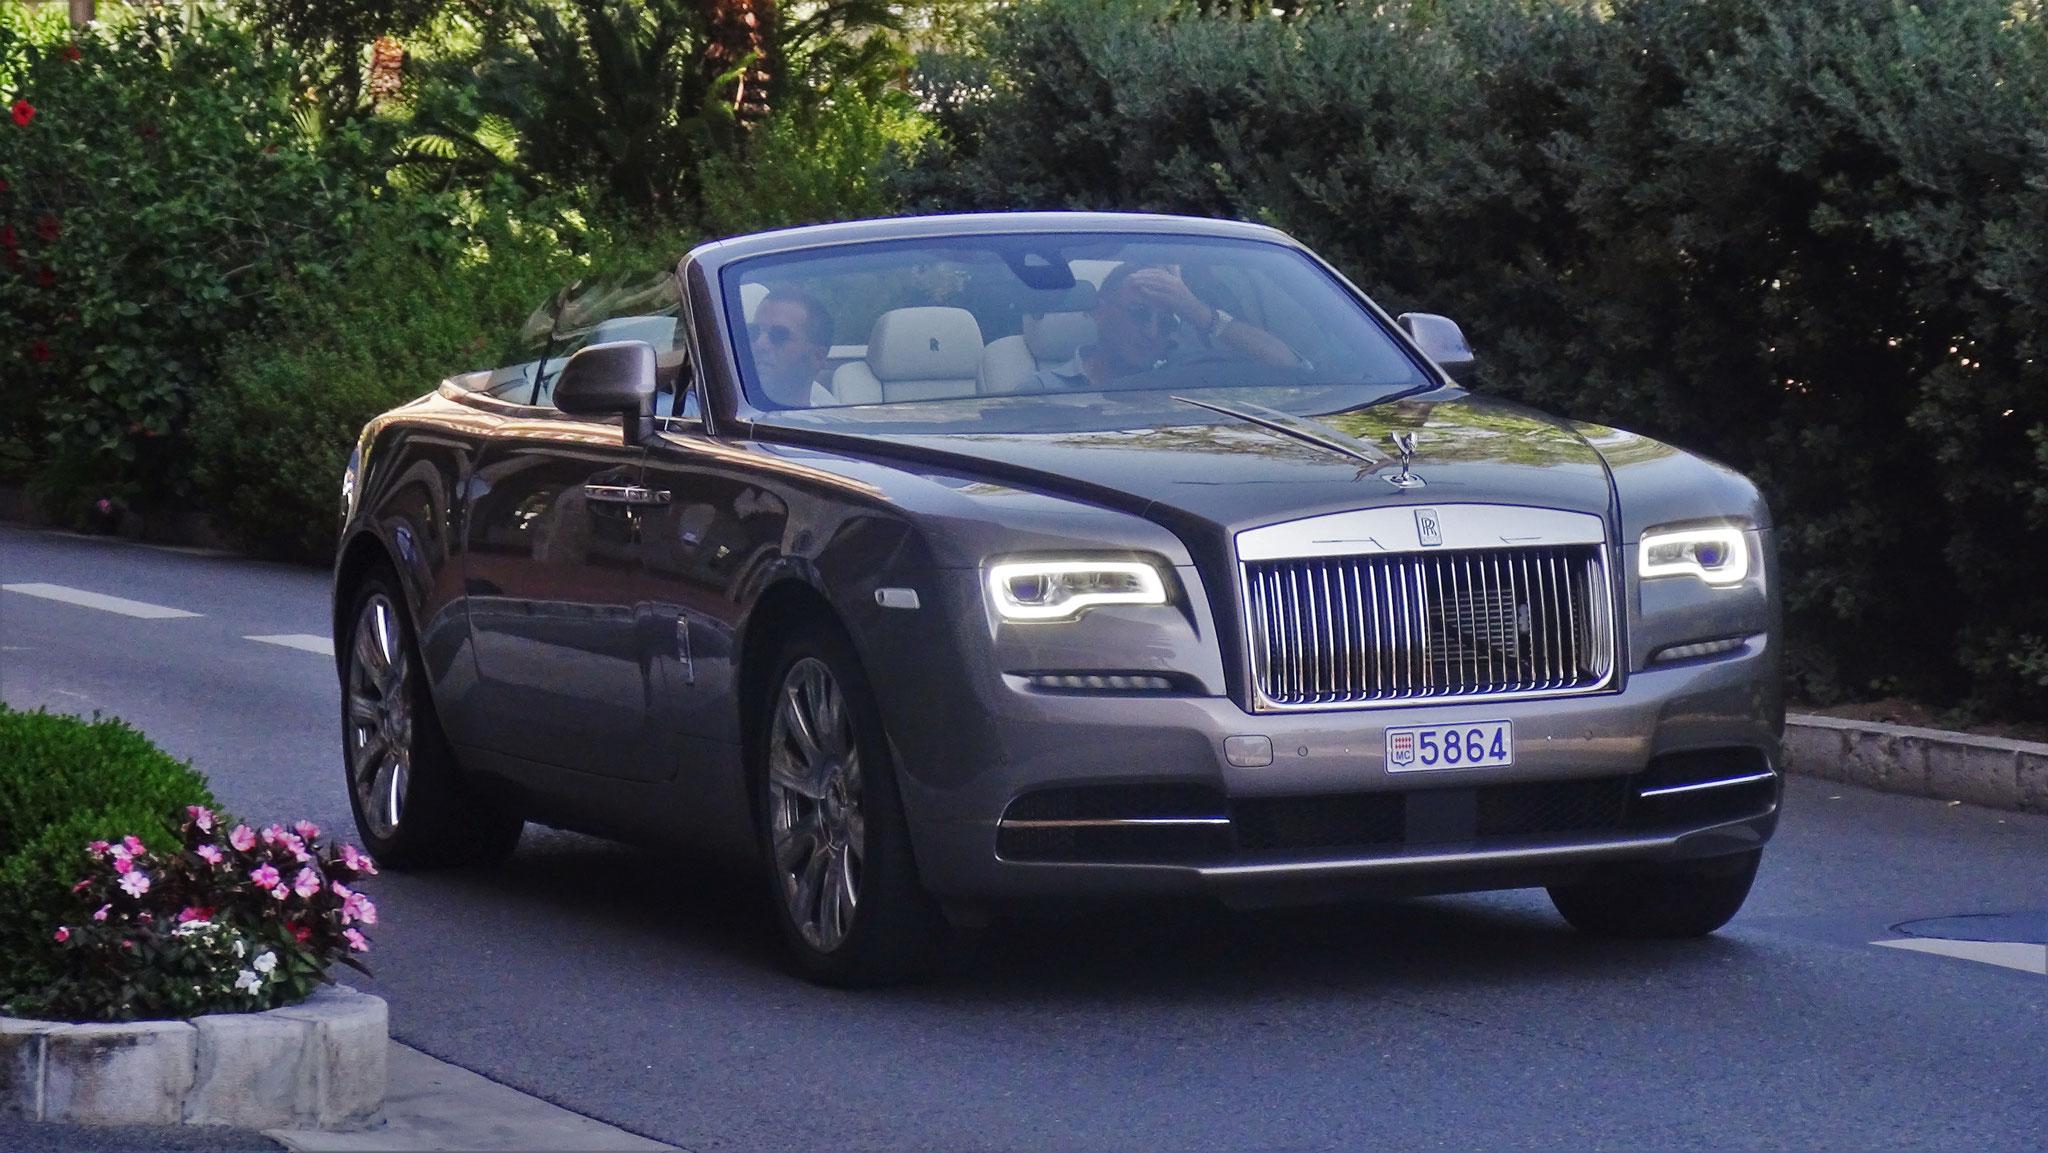 Rolls Royce Dawn - 5864 (MC)